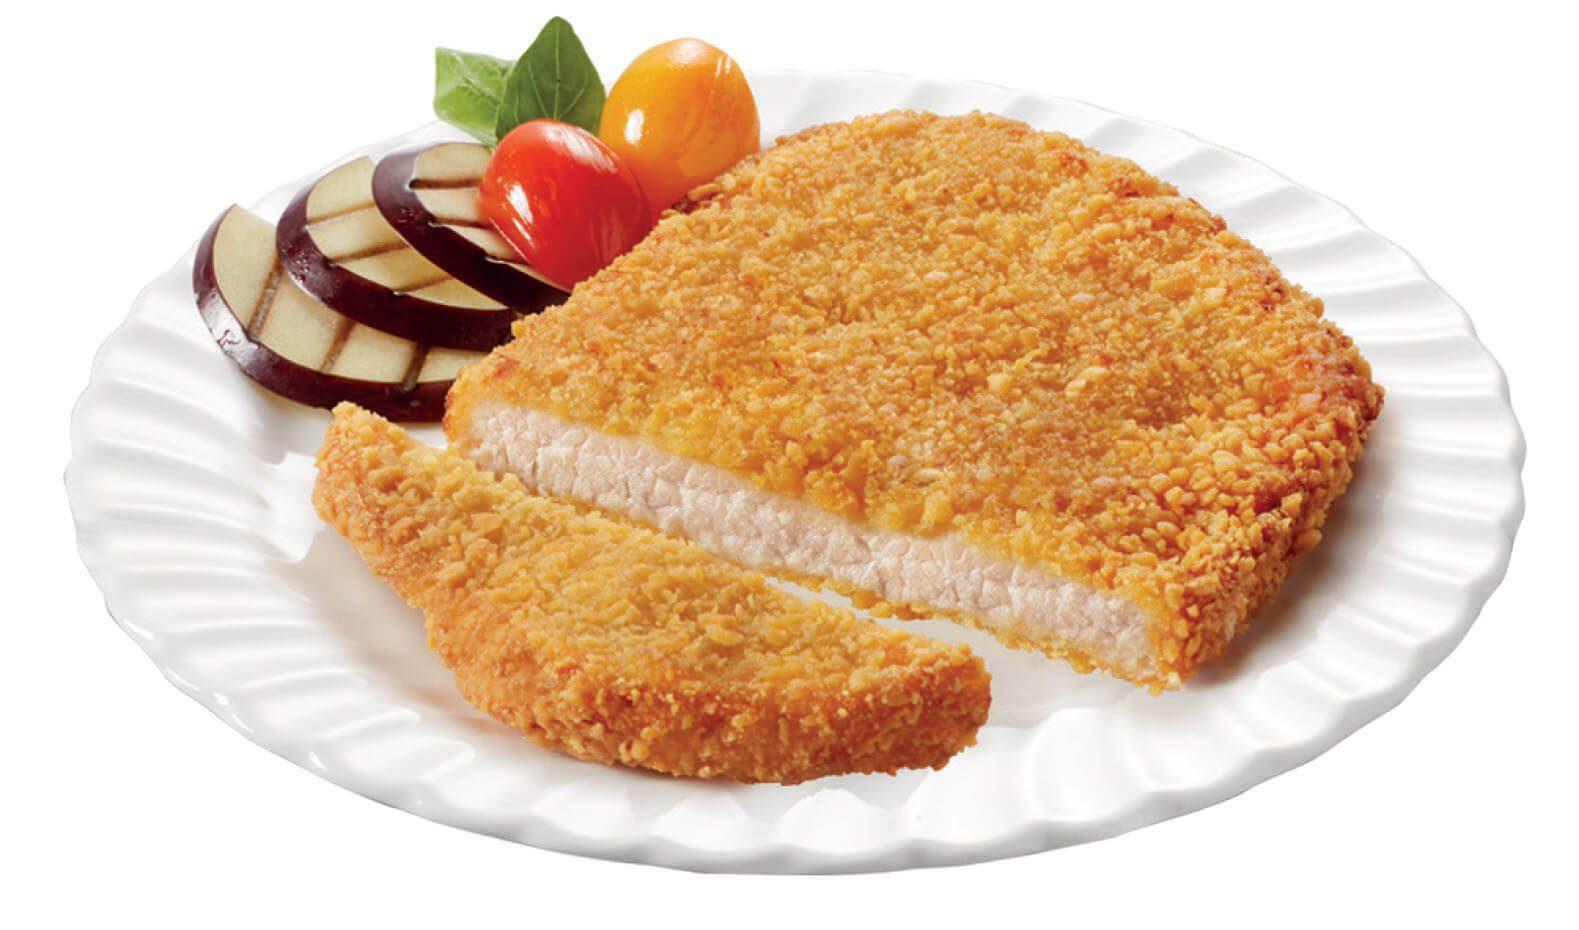 CUBOX Grand milanesa de pollo